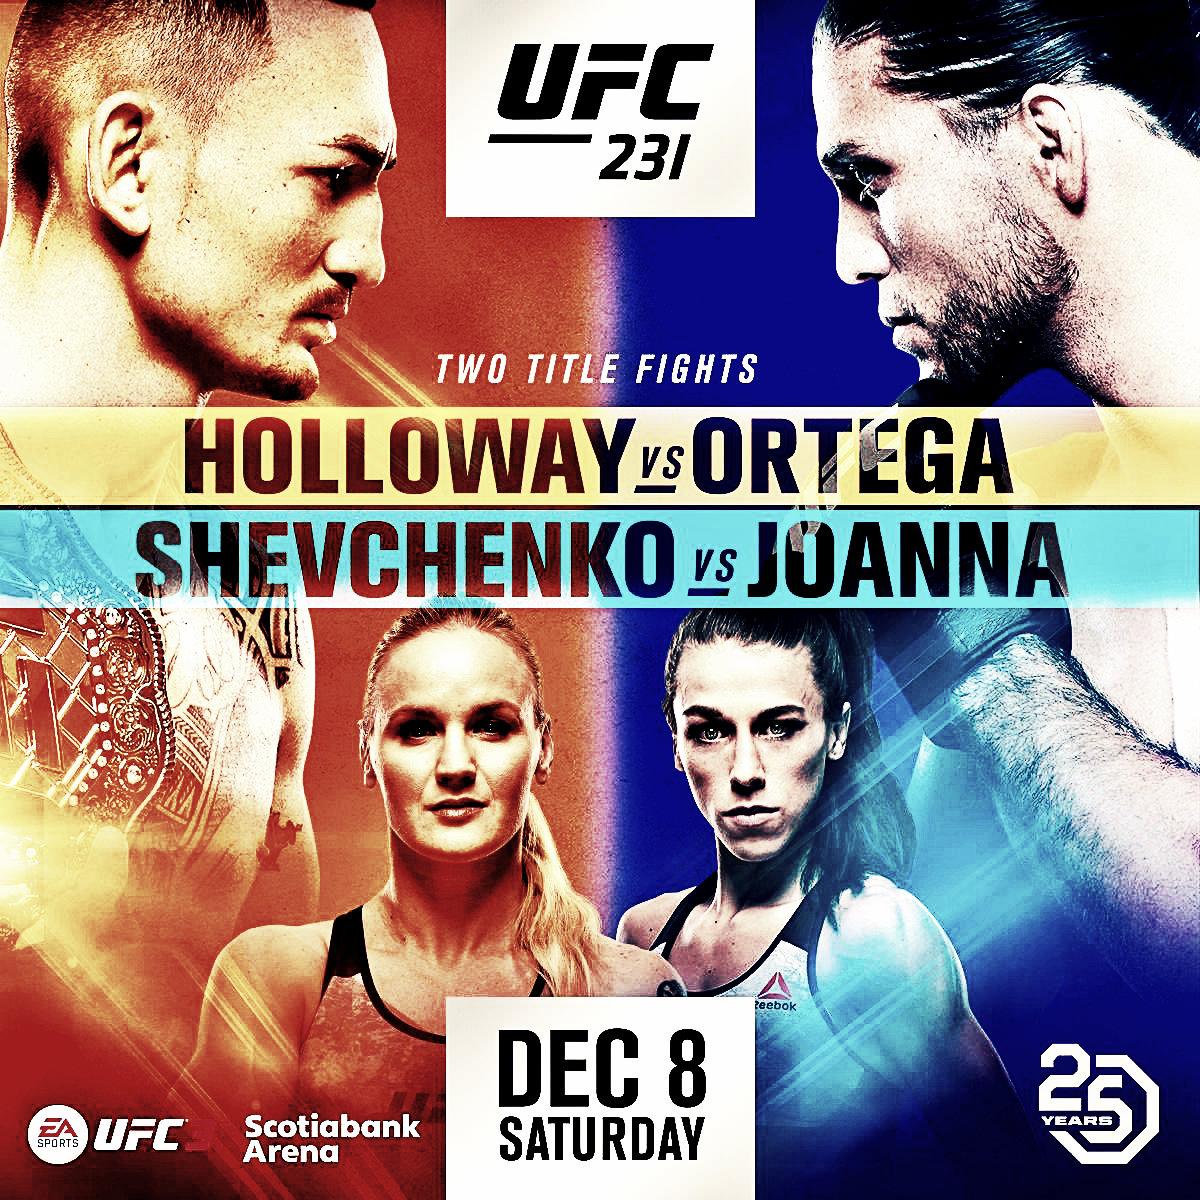 La vista óptica previa del UFC 231